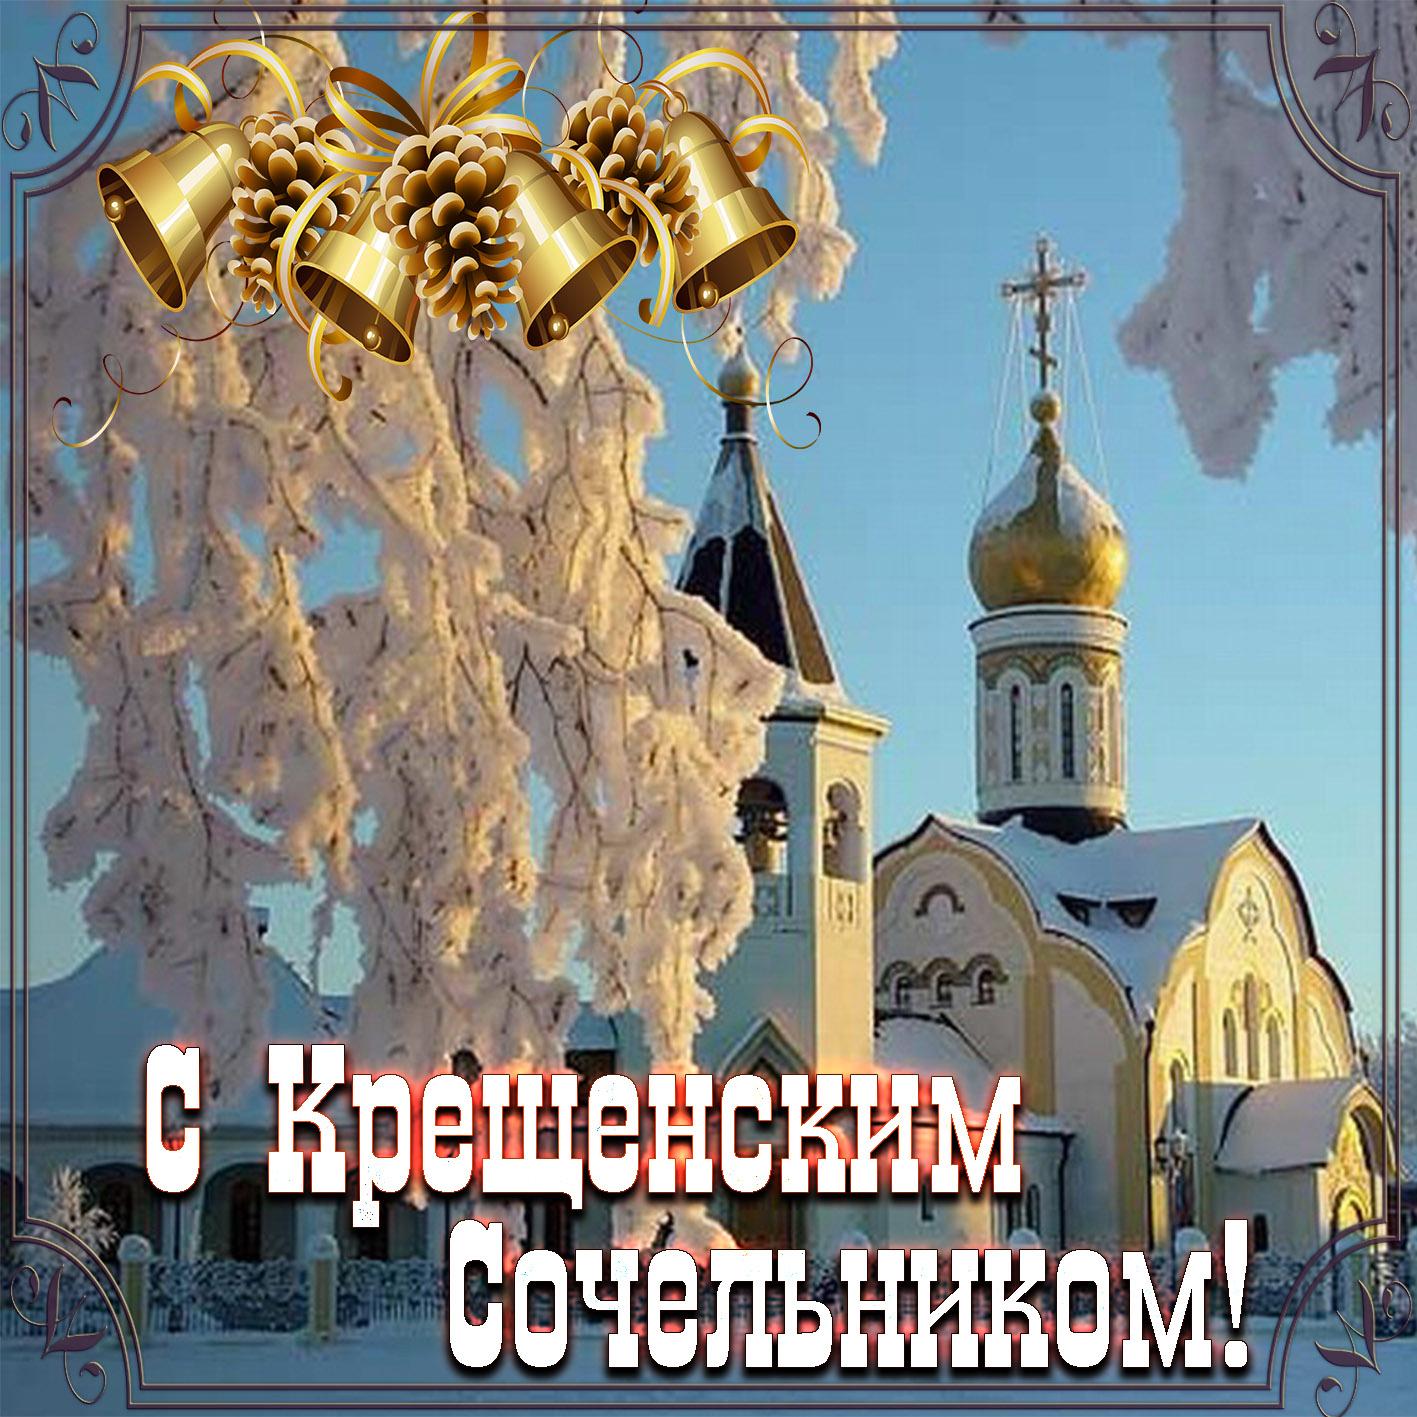 Крещение поздравления картинки сочельник, открытки